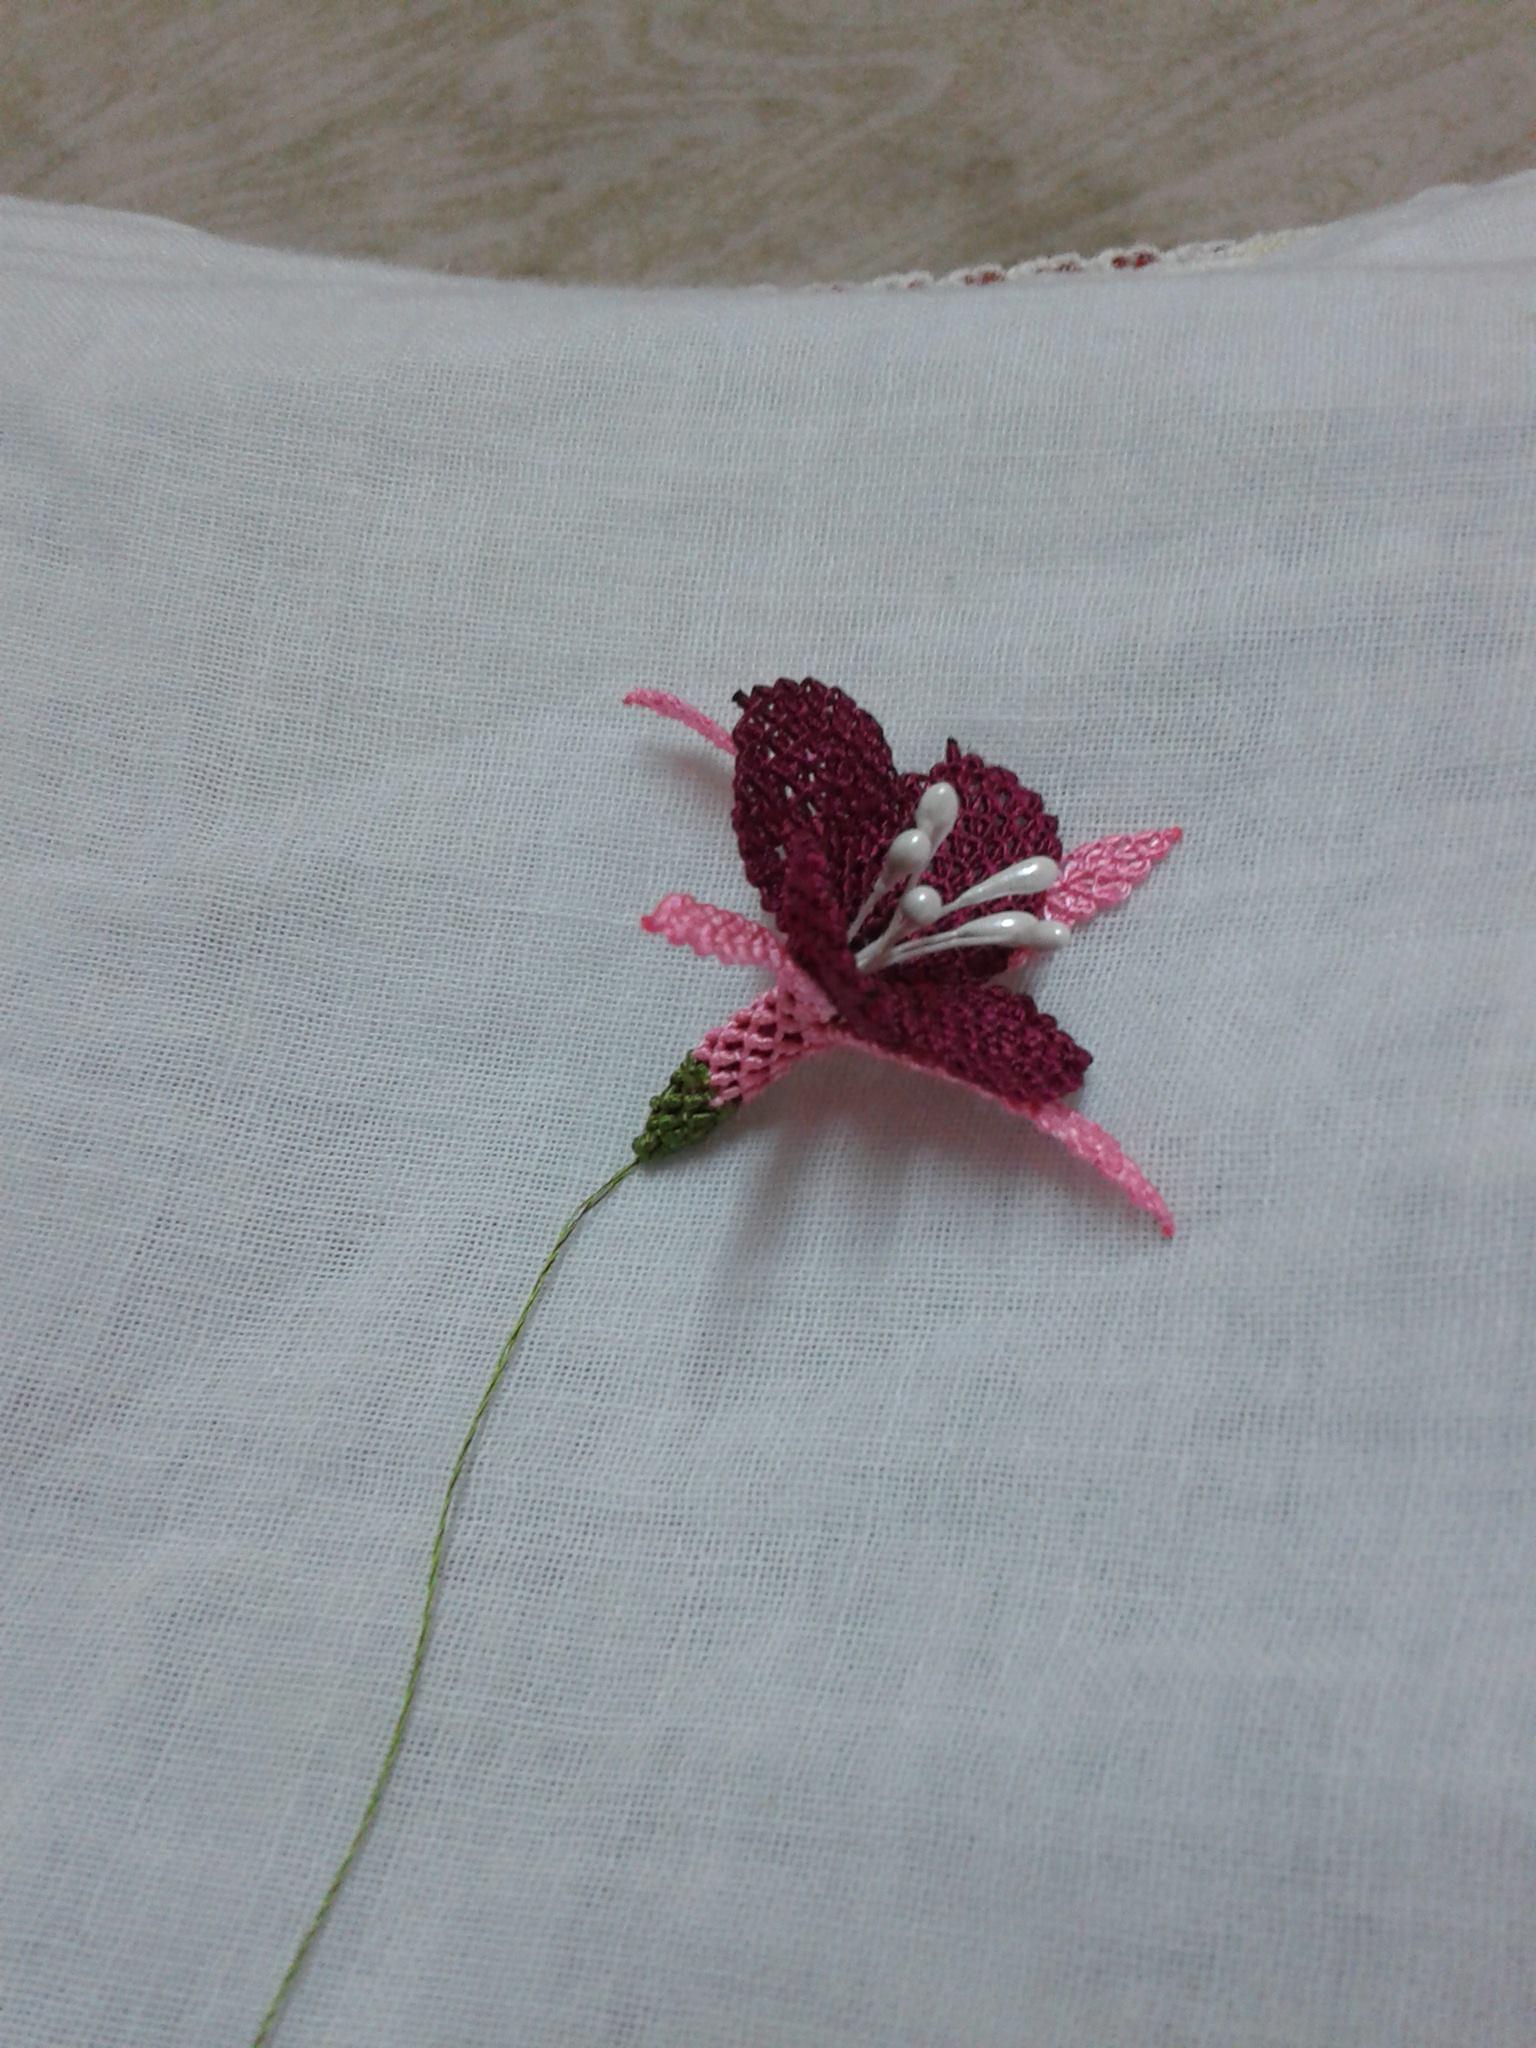 İğne oyası küpe çiçeği yapılışı 21